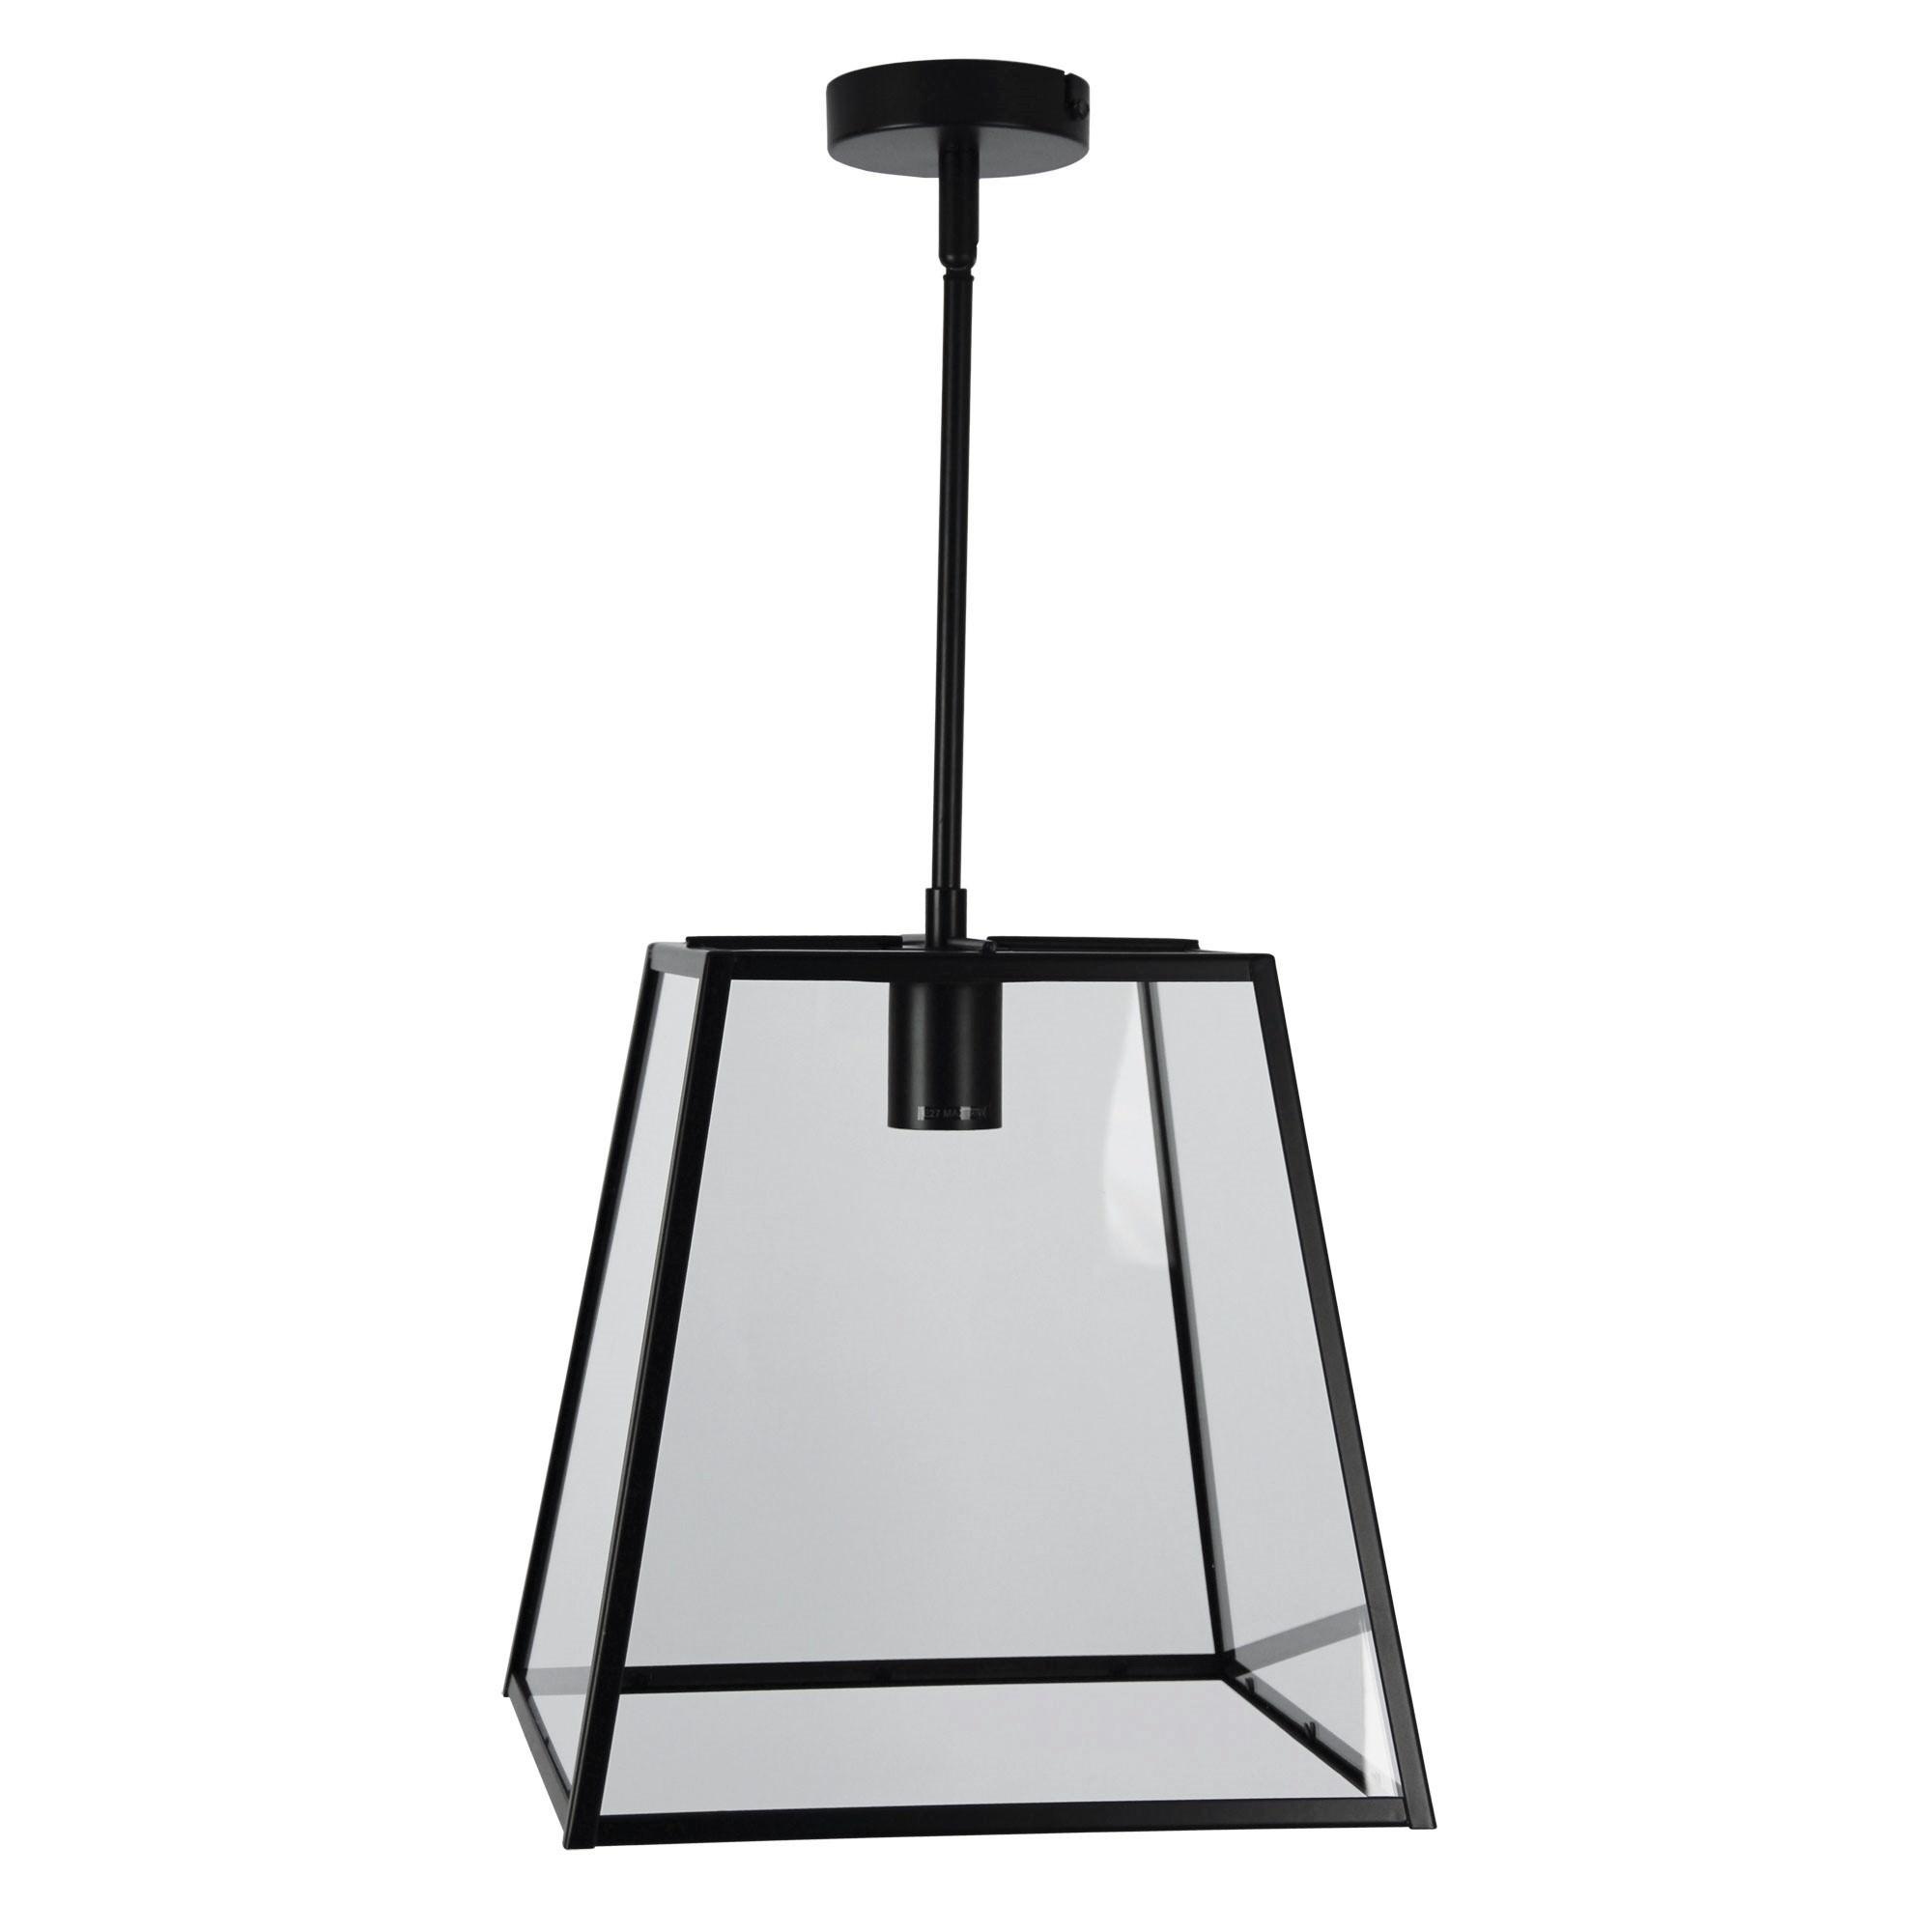 Eaton Trapezoid Metal & Glass Penant Light, 1 Light